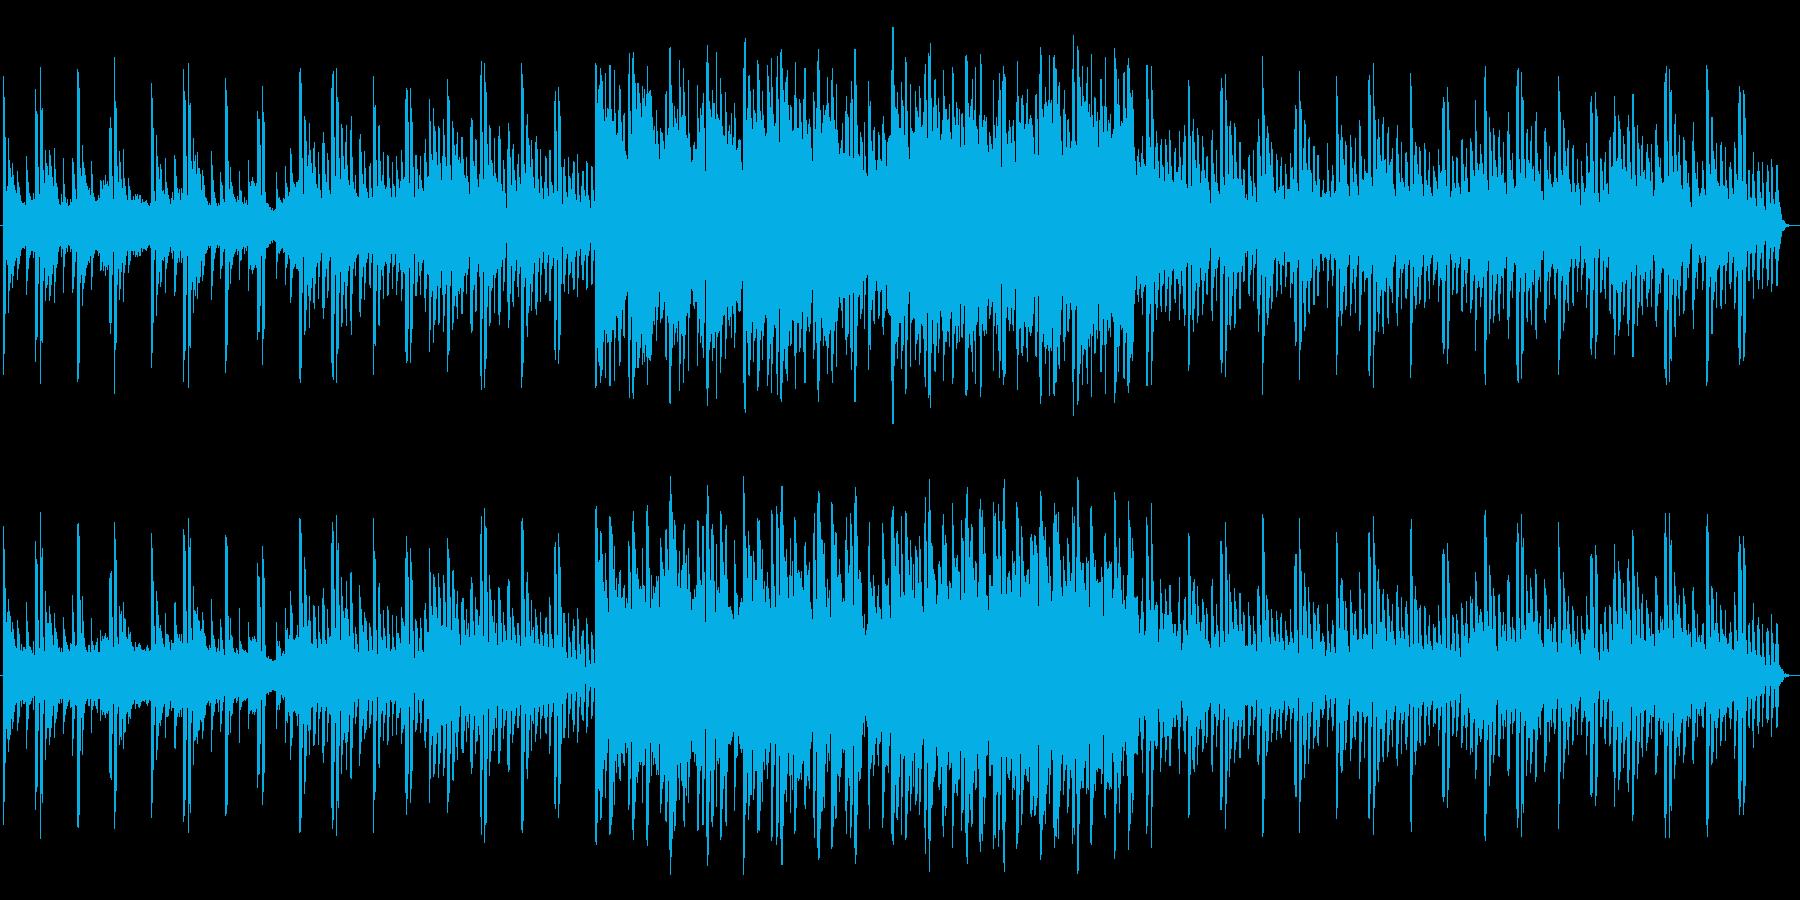 透明感のある近未来的なピアノ曲の再生済みの波形